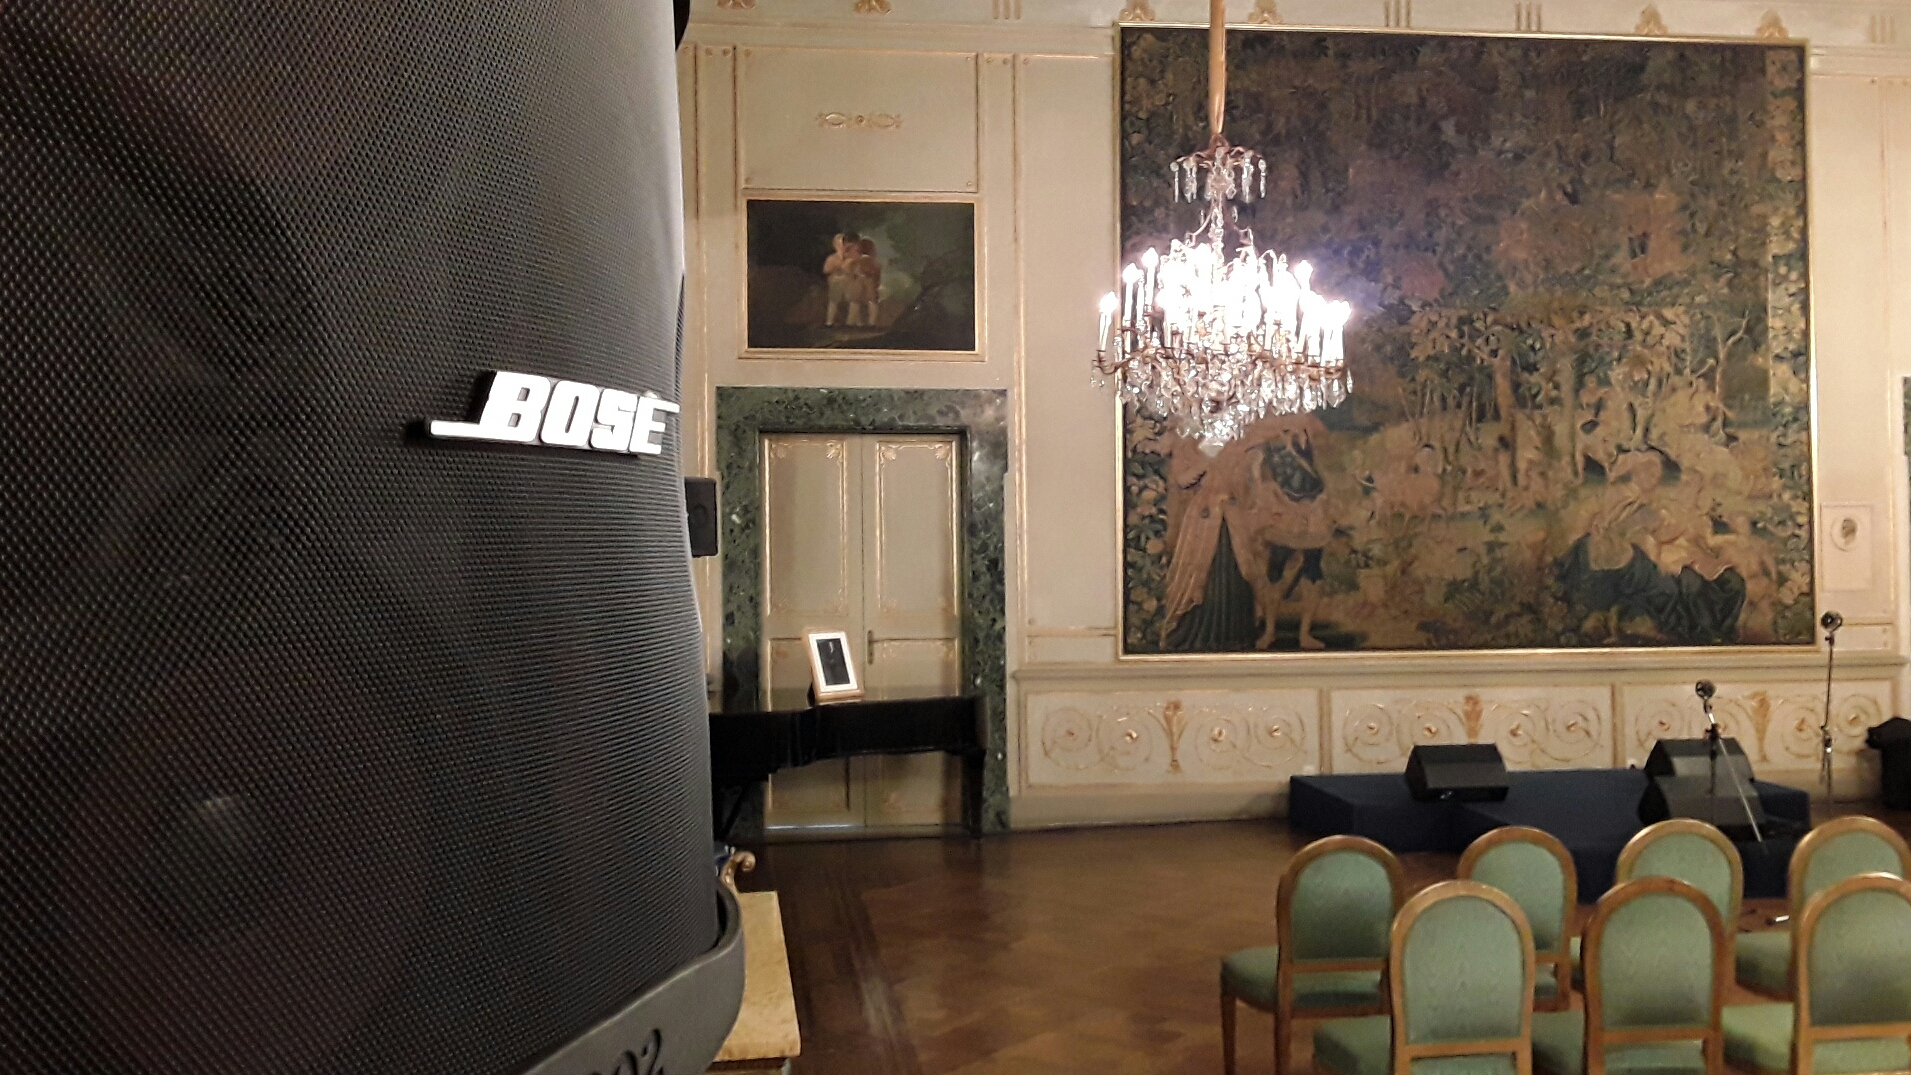 Service audio Coro Ufficiale TV Spagnola